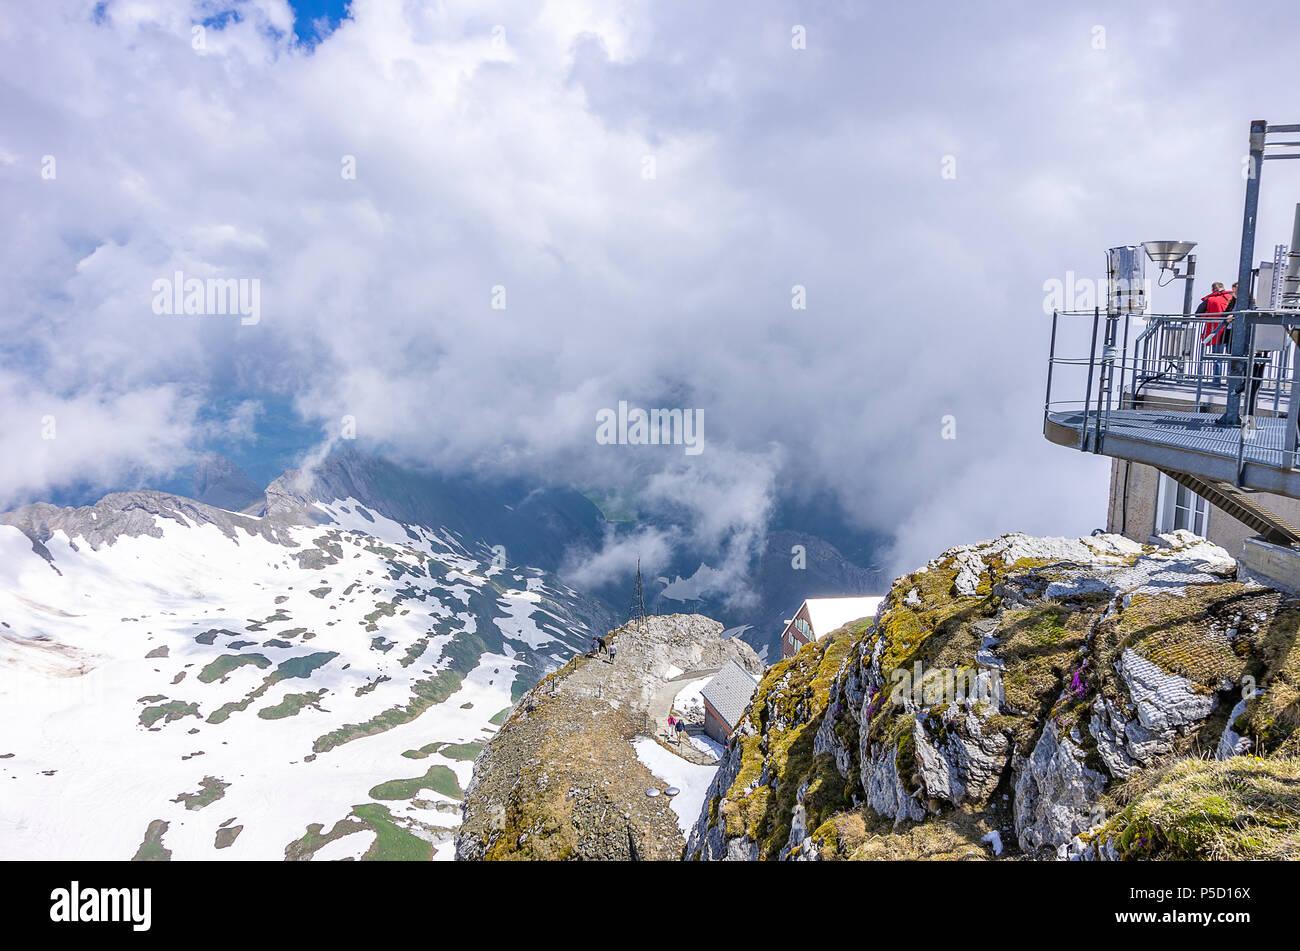 Auf dem Gipfel des Säntis, Appenzell Alpen, Schweiz - Wetterstation und Sternwarte Gebäude mit Blick auf die umliegenden Berge. Stockfoto